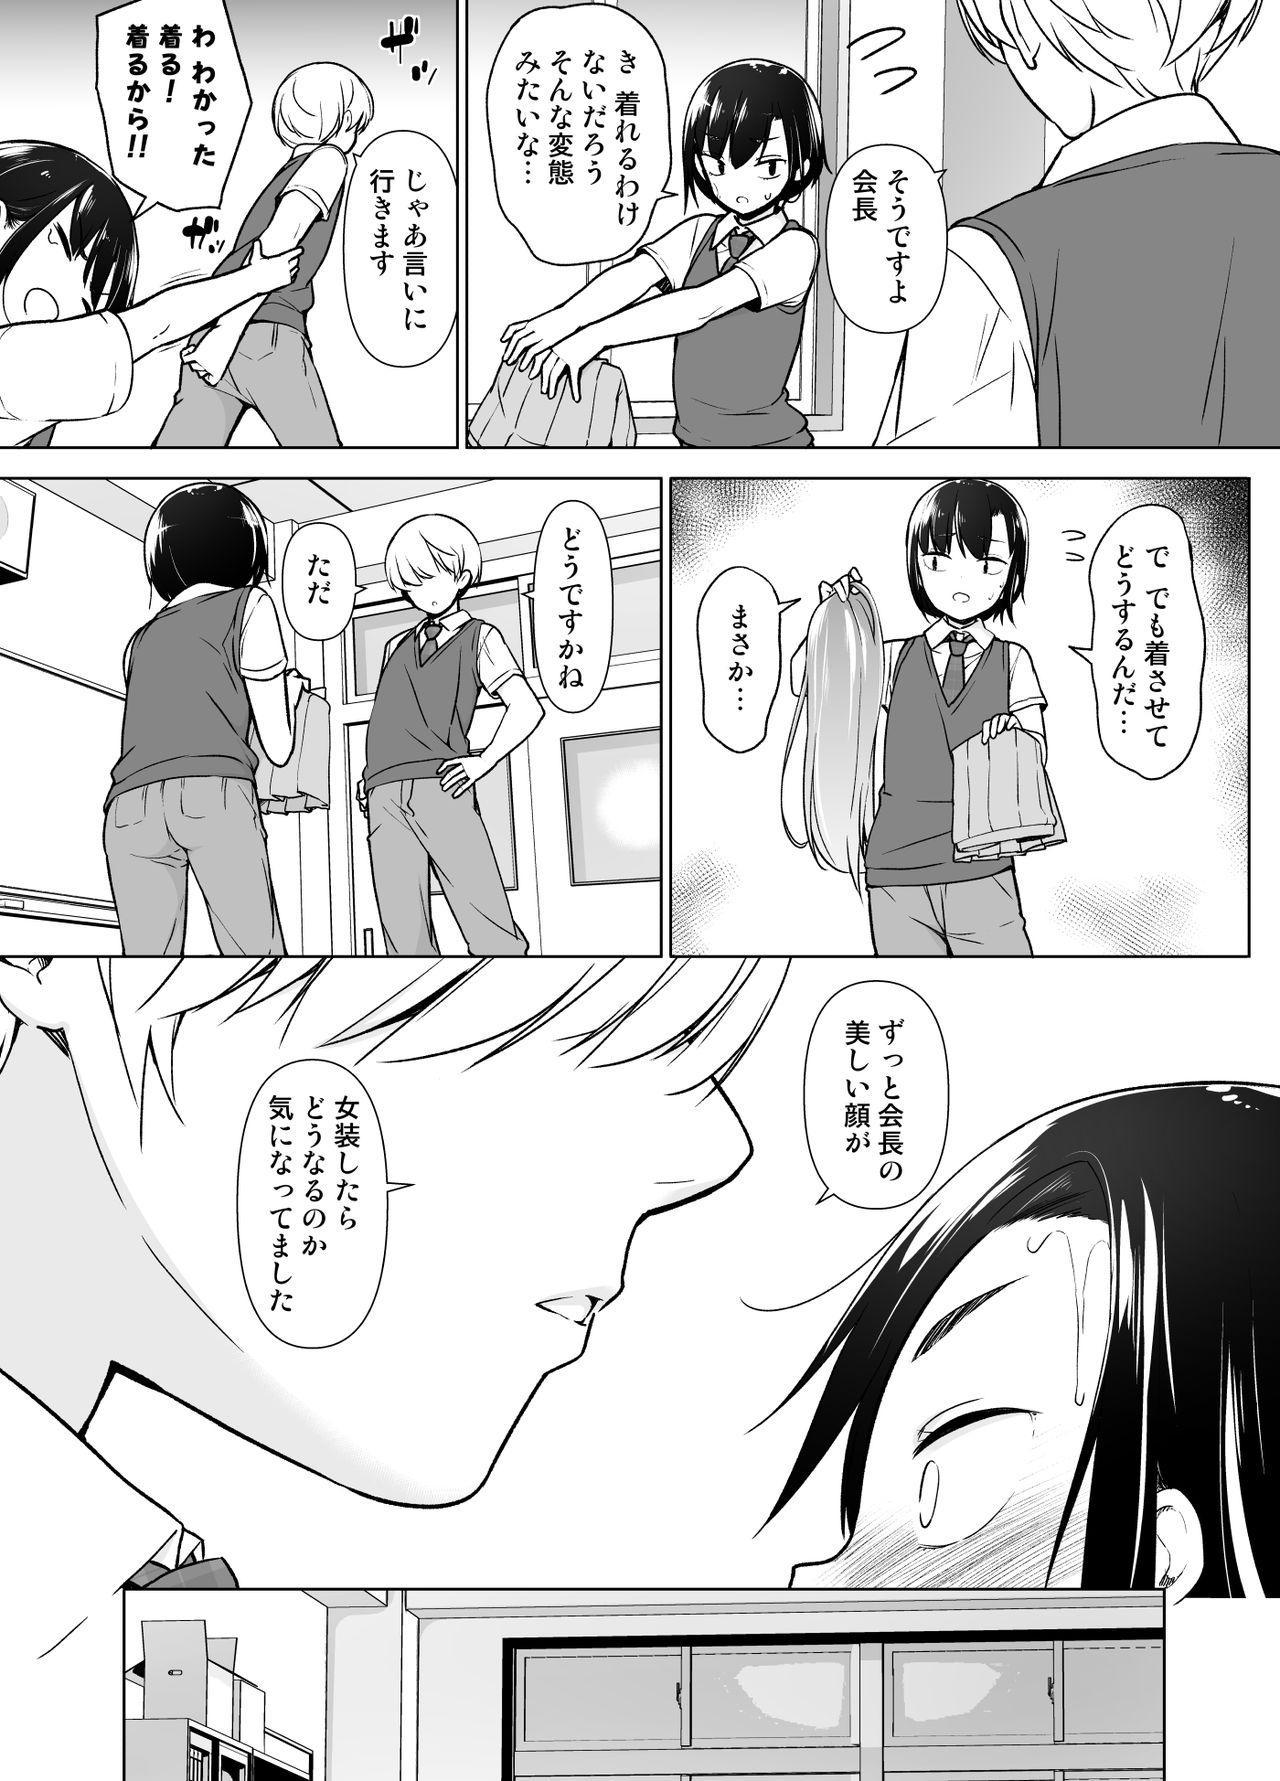 Gouman Seitokaichou ga Josou o Shitara 11